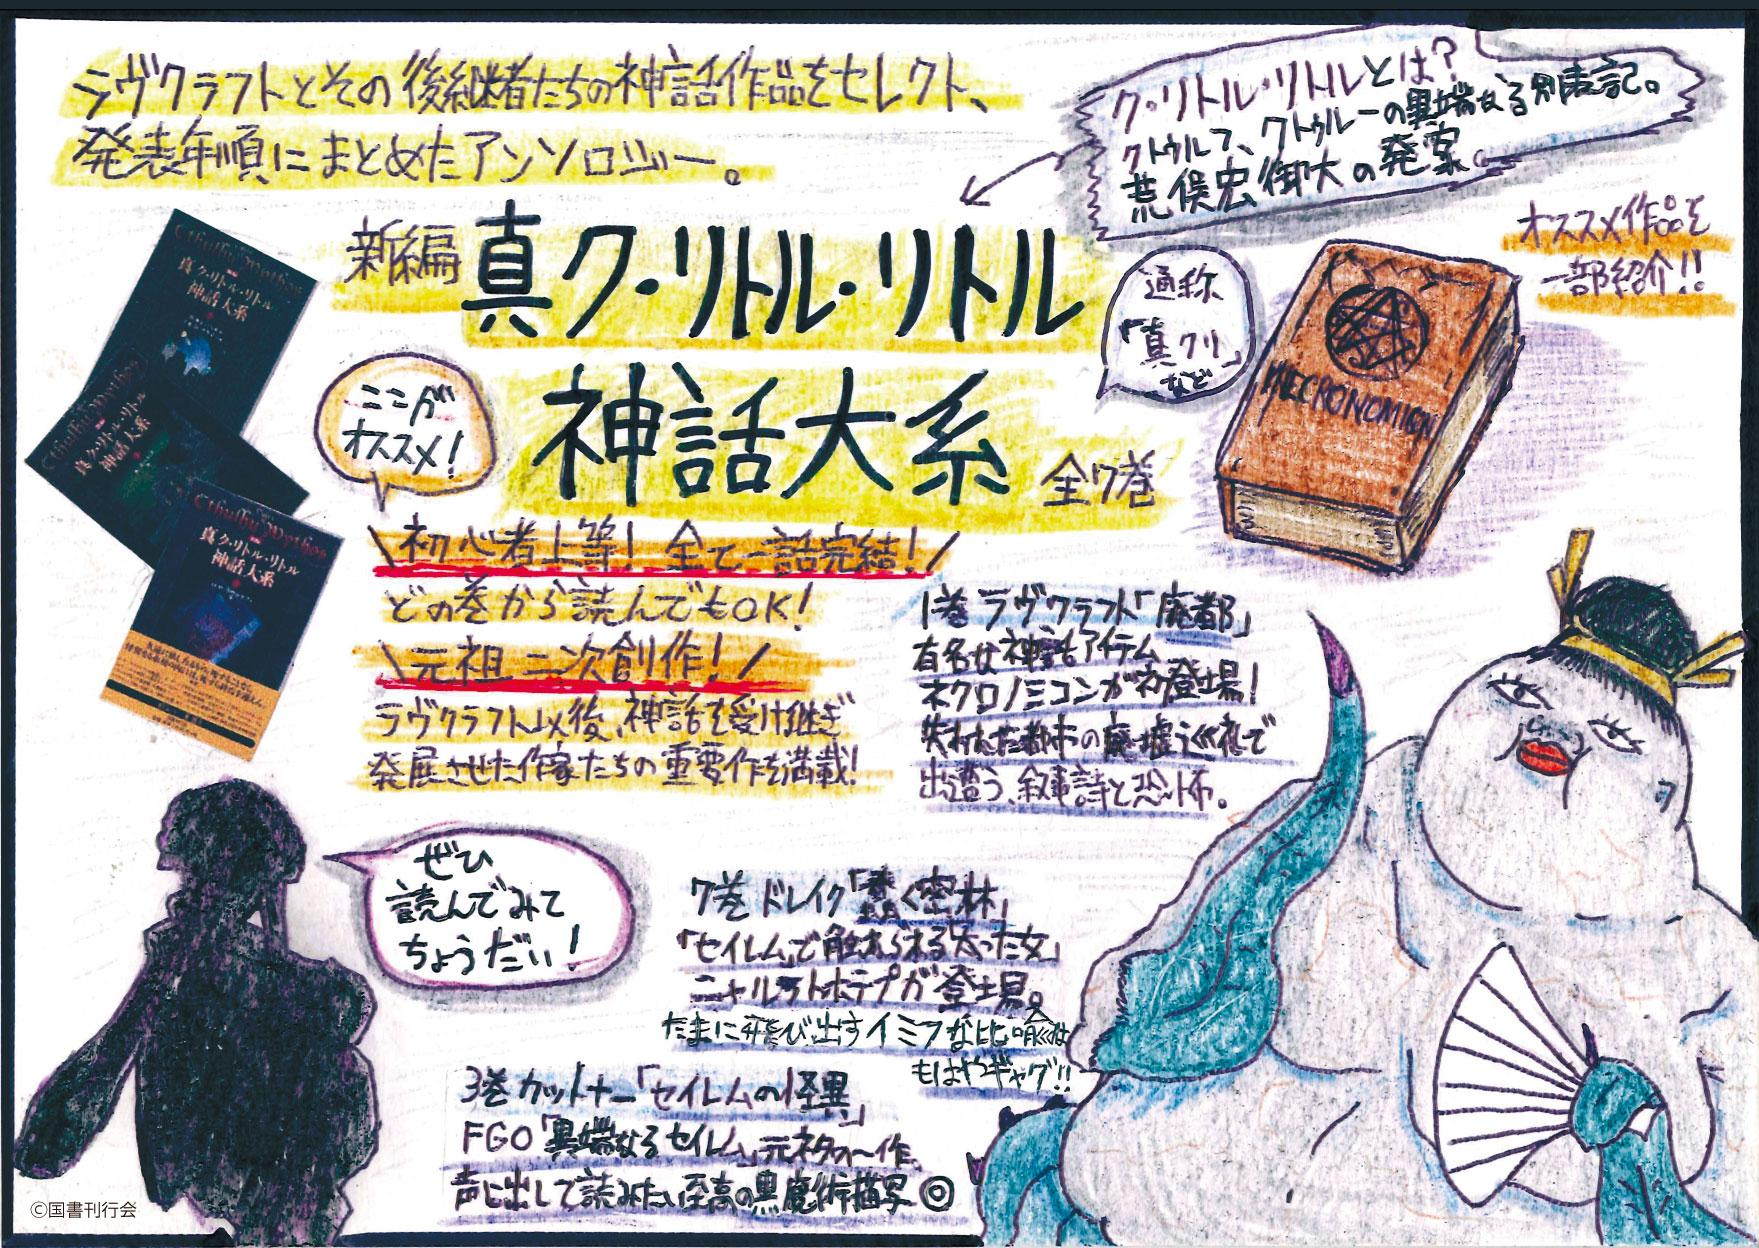 http://www.kokusho.co.jp/special/%E3%82%AF%E3%83%88%E3%82%A5%E3%83%AB%E3%83%953.jpg